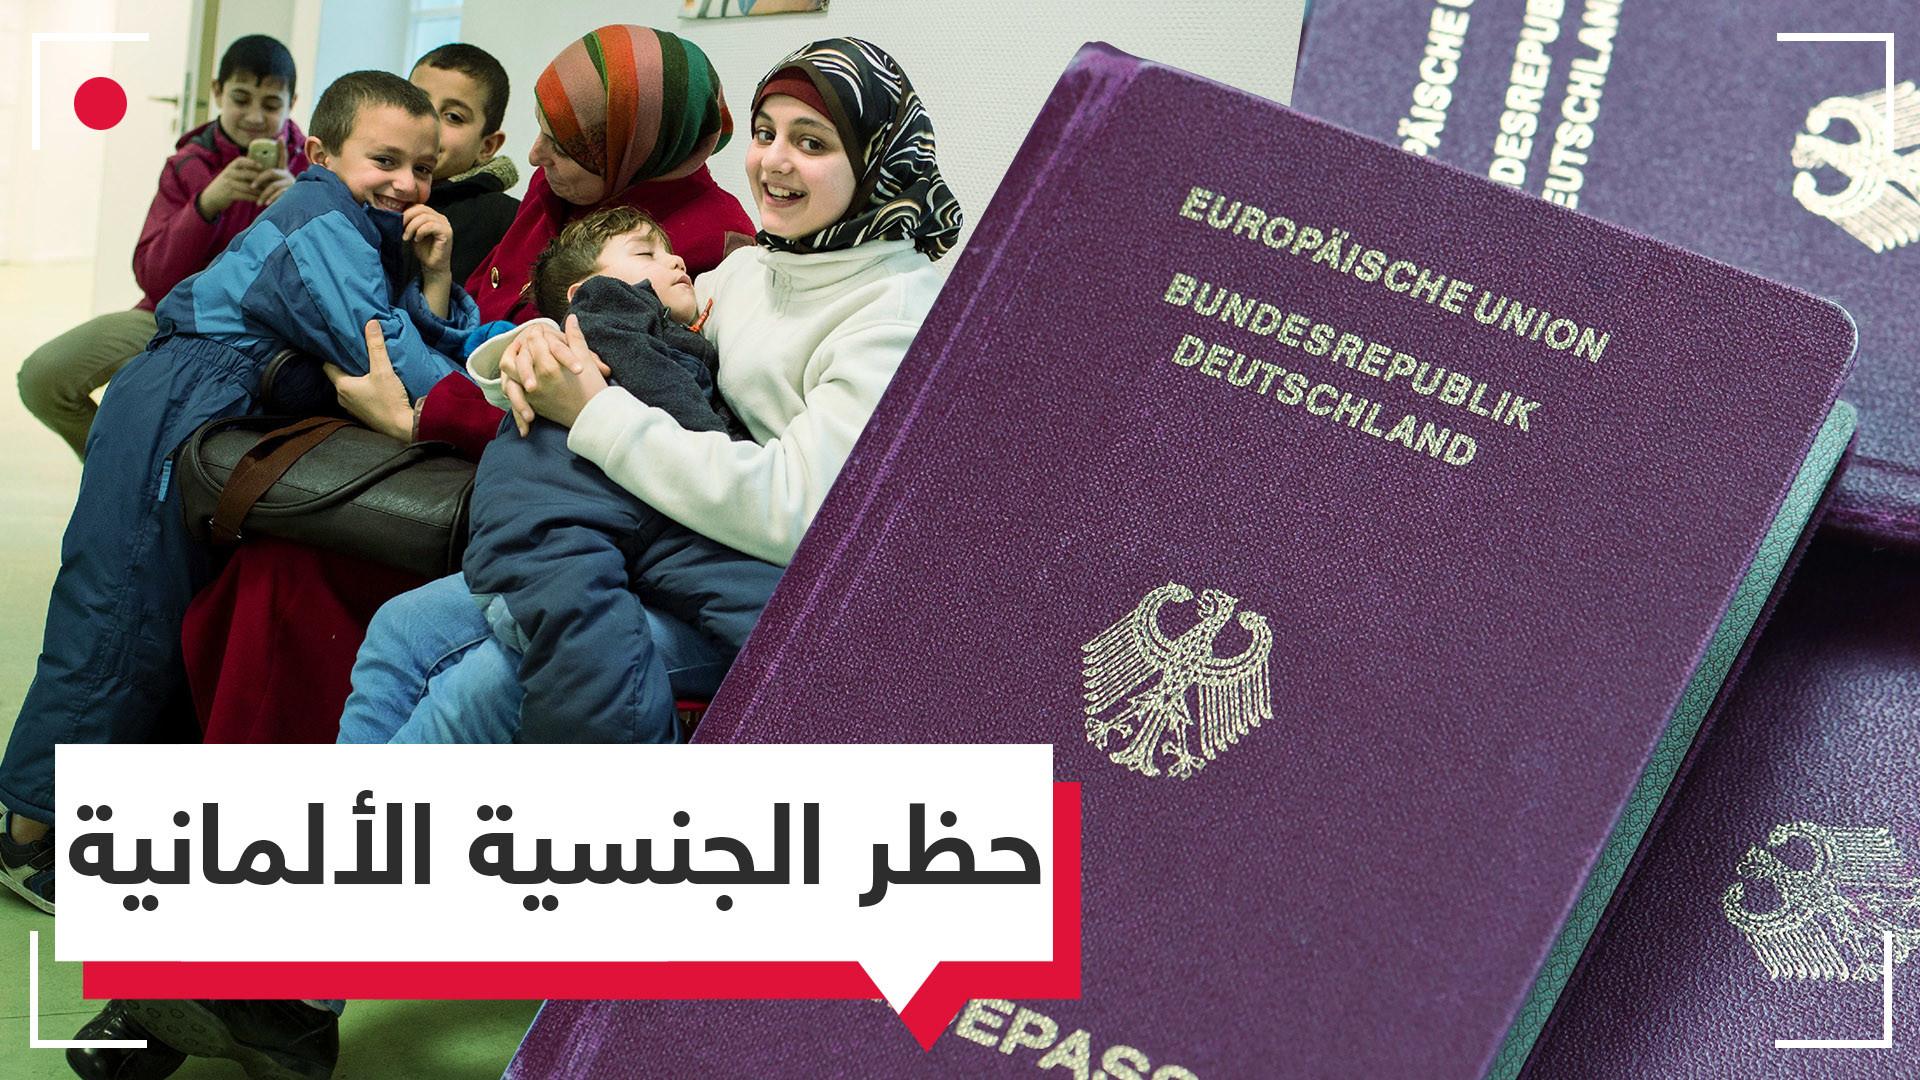 تعدد الزوجات سبب لحظر الجنسية الألمانية طبقا لمخطط وزير الداخلية